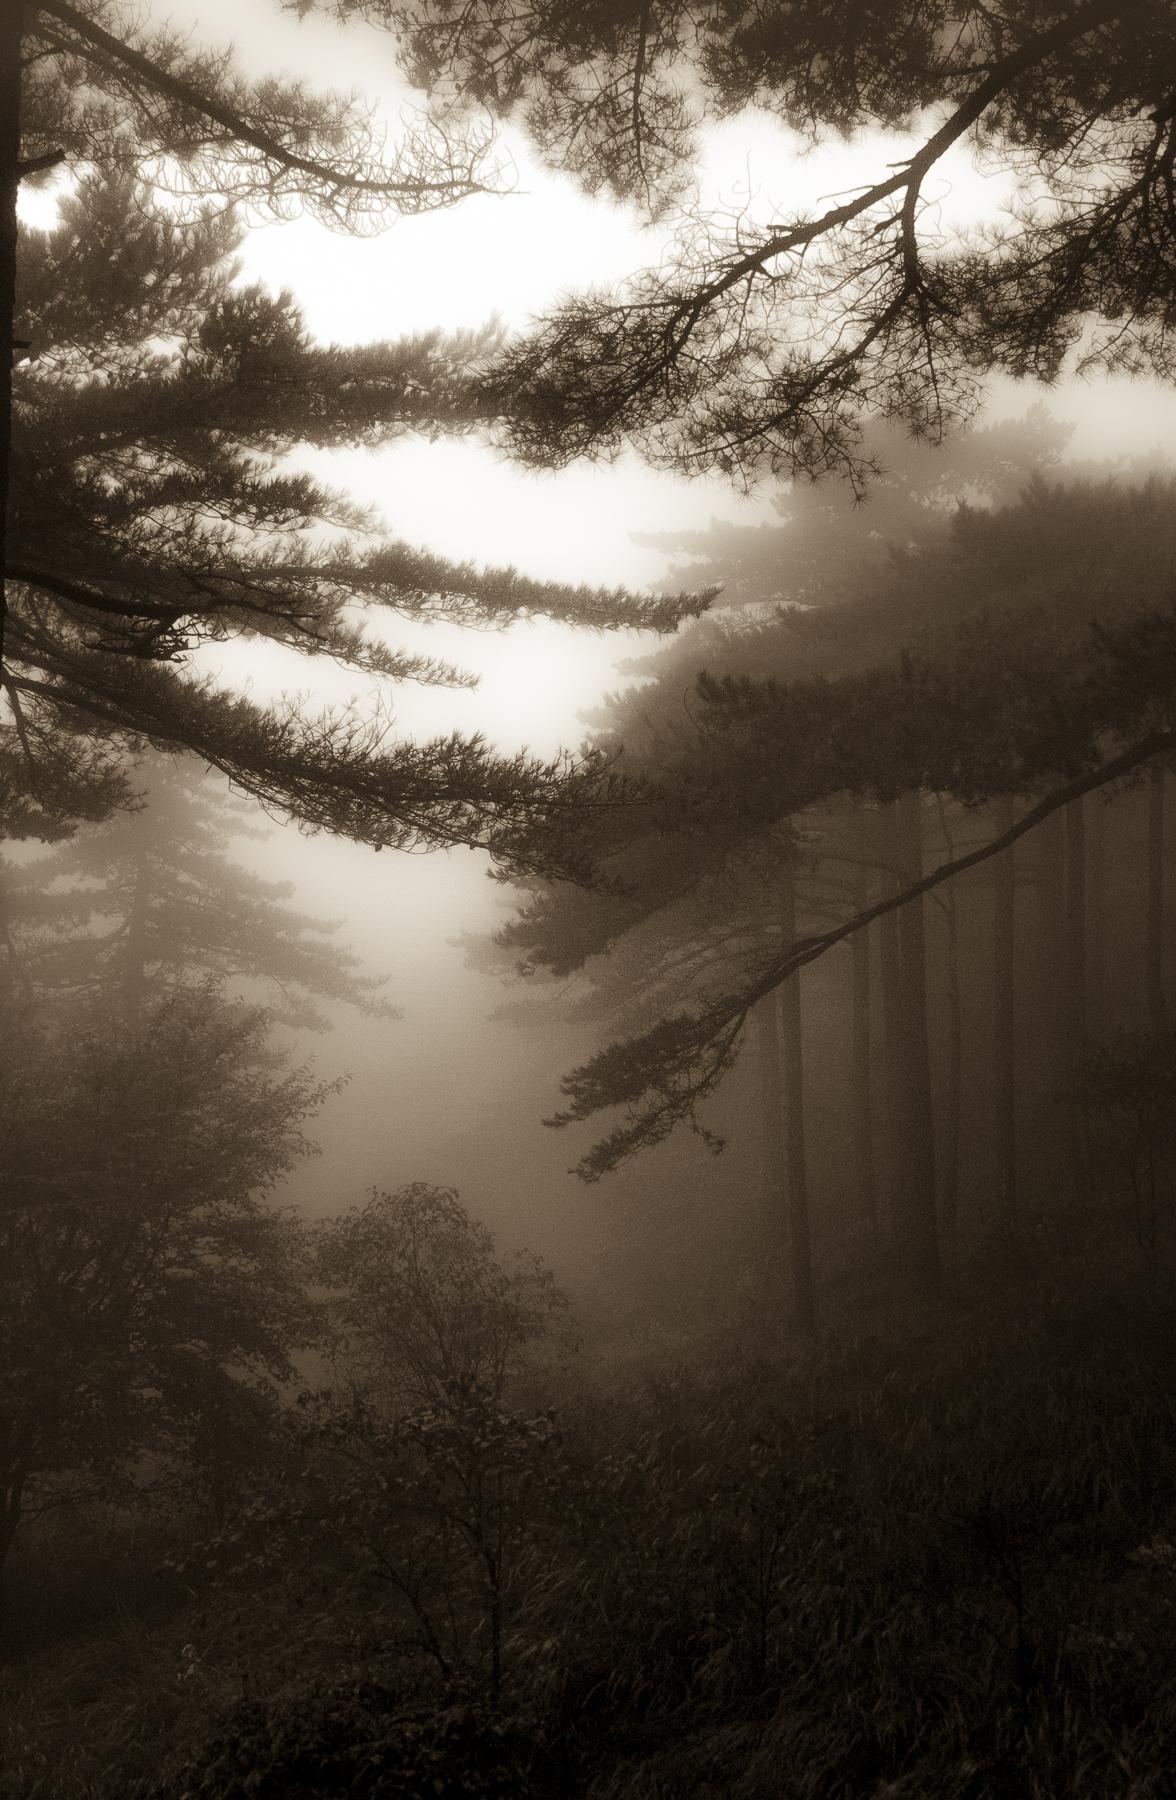 Carol_Horigan_Forest Shrouded in Mist-1V.jpg